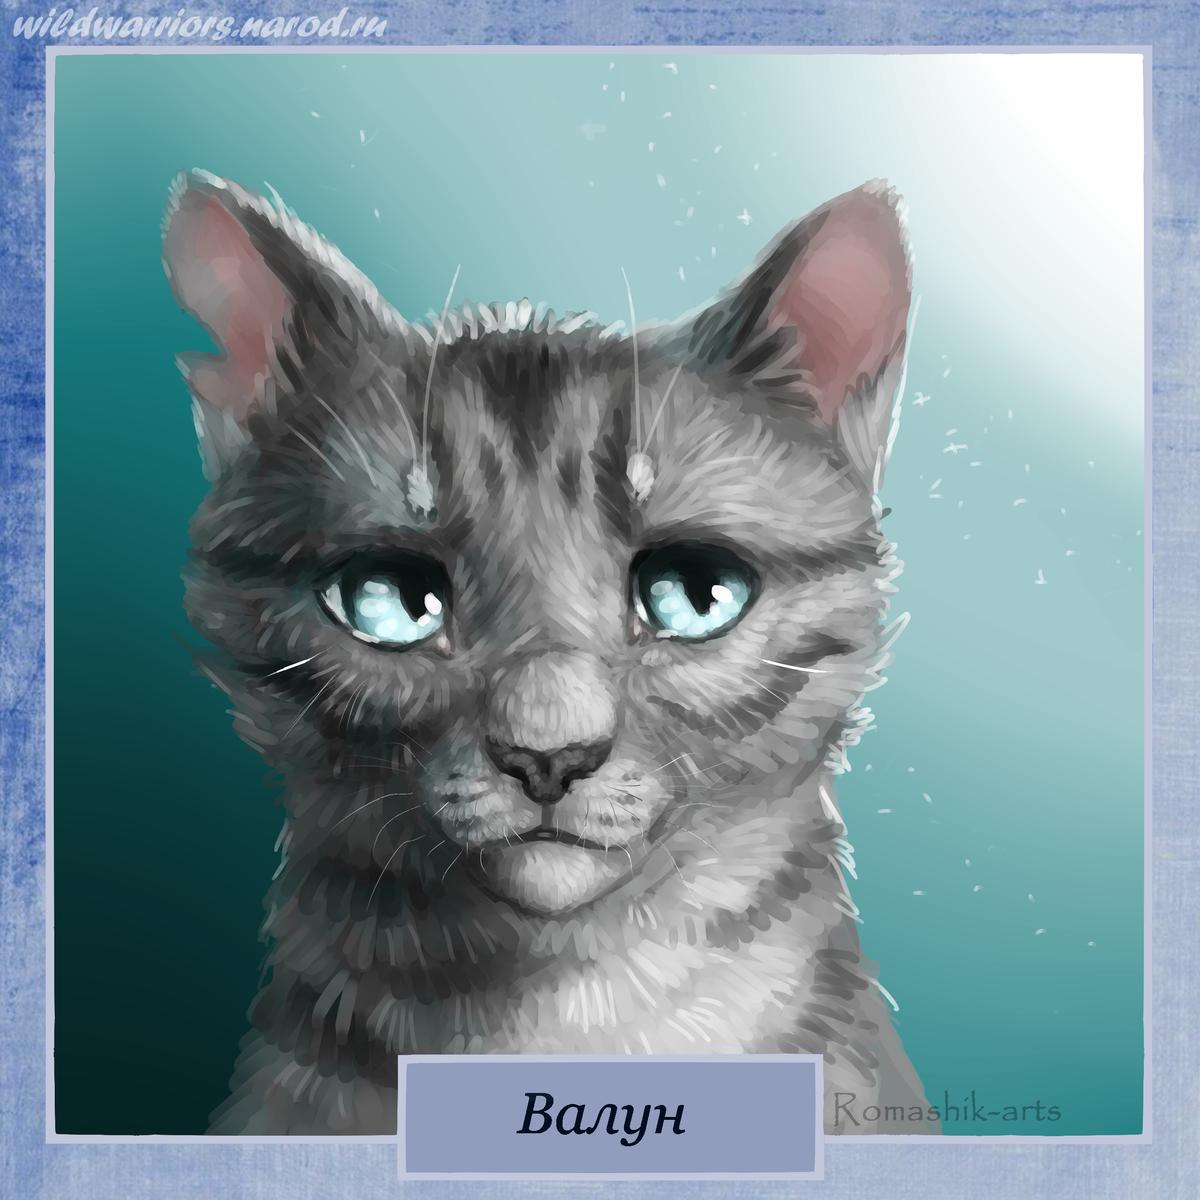 имена воителей коты воители все чаще можно